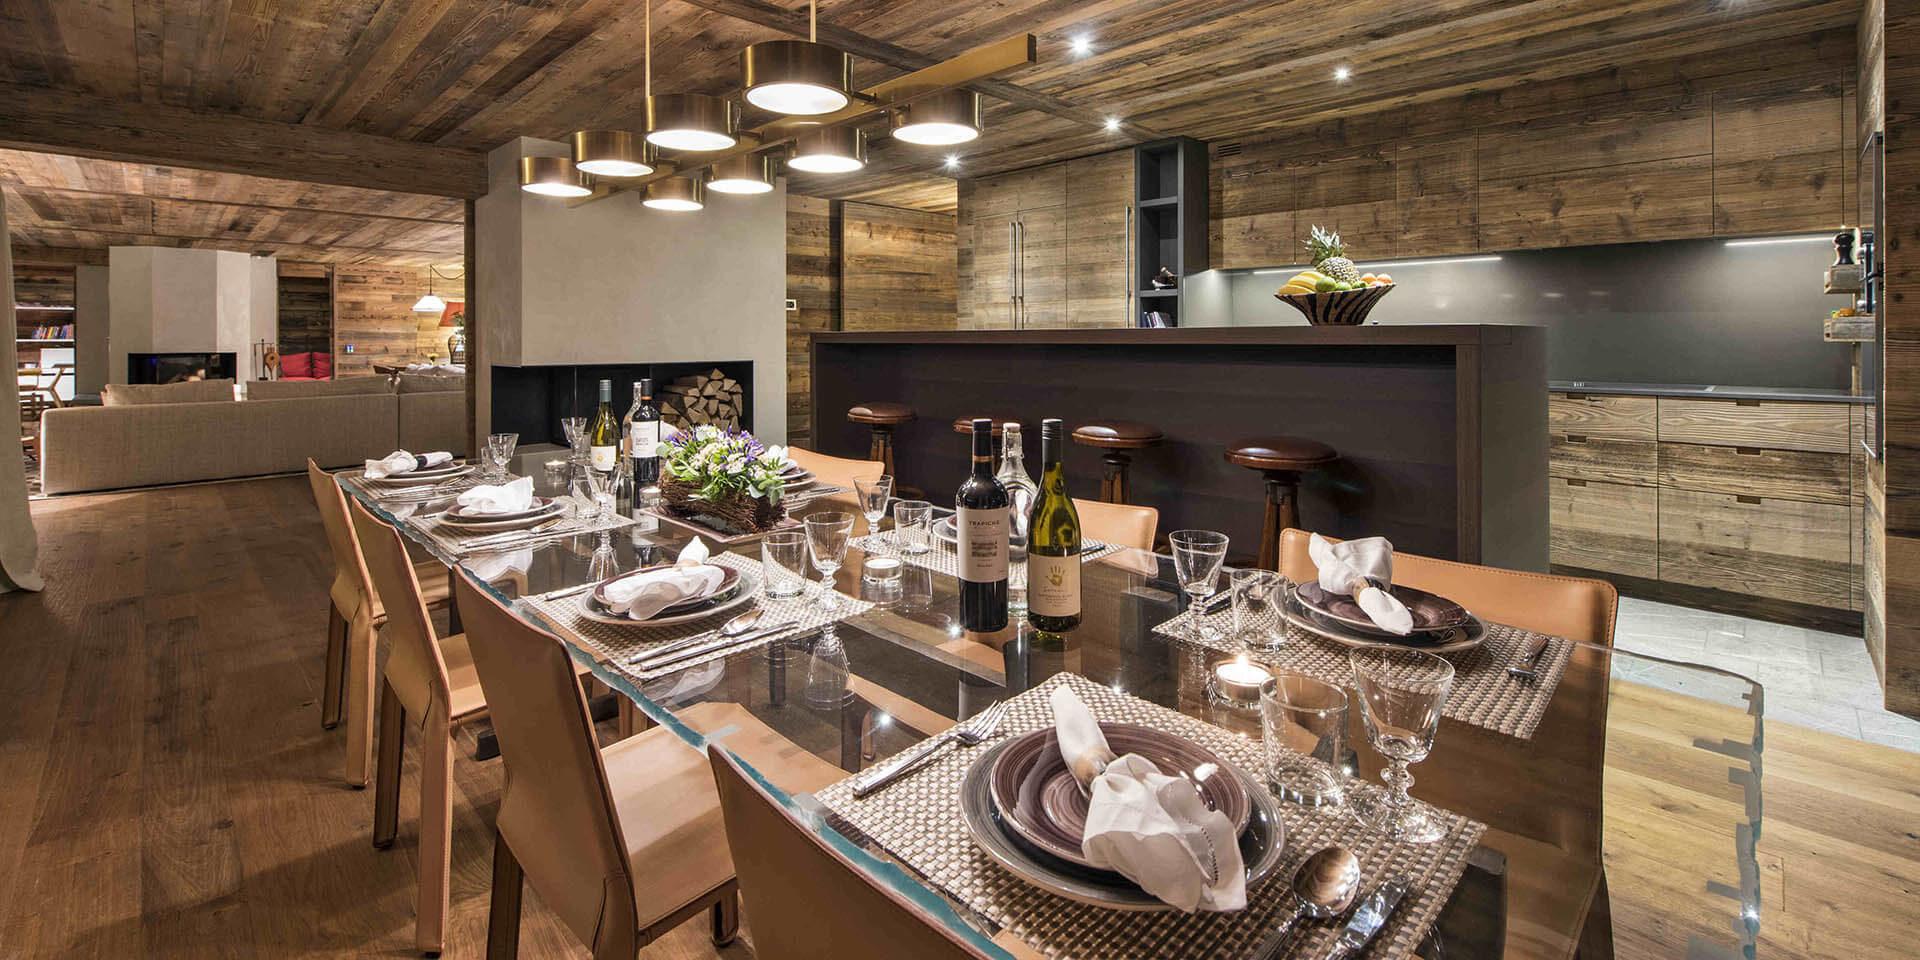 Appartement Place Blanche Verbier Les 4 Vallees Zwitserland wintersport skivakantie luxe eetkamer gedekte tafel wijn wijnglazen keuken bar fruit hout